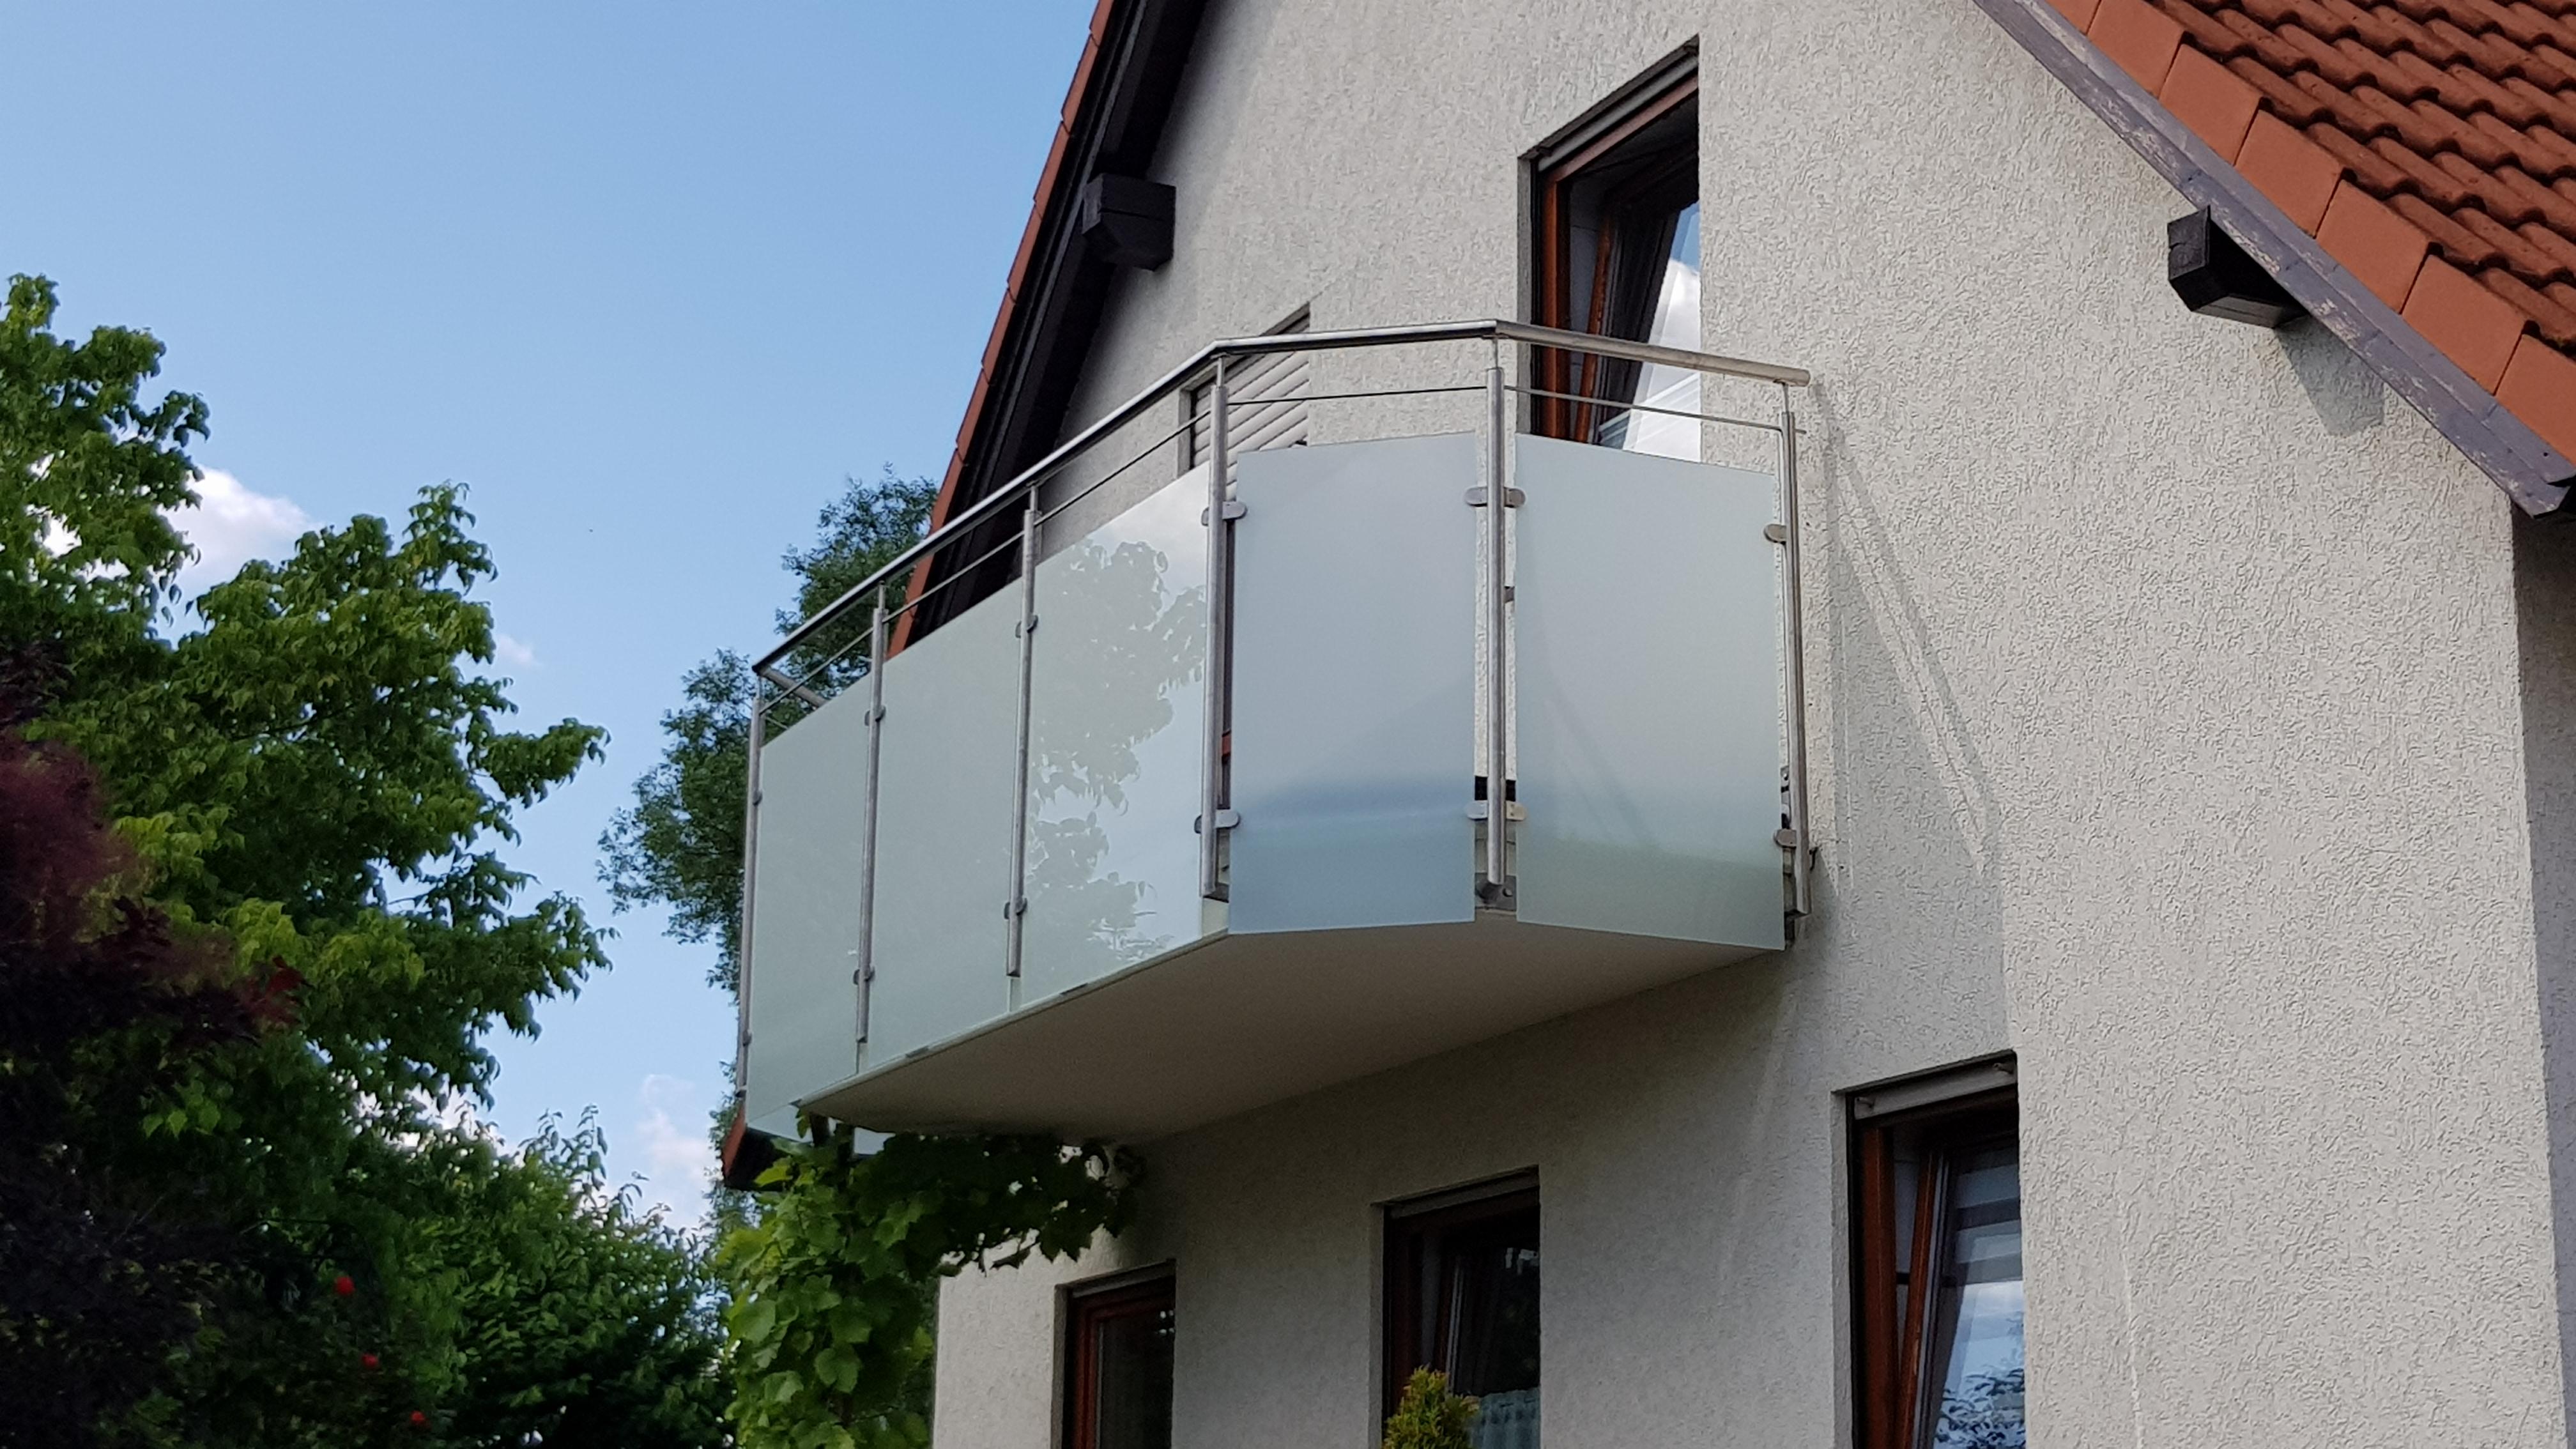 Balkongeländer Edelstahl Glas